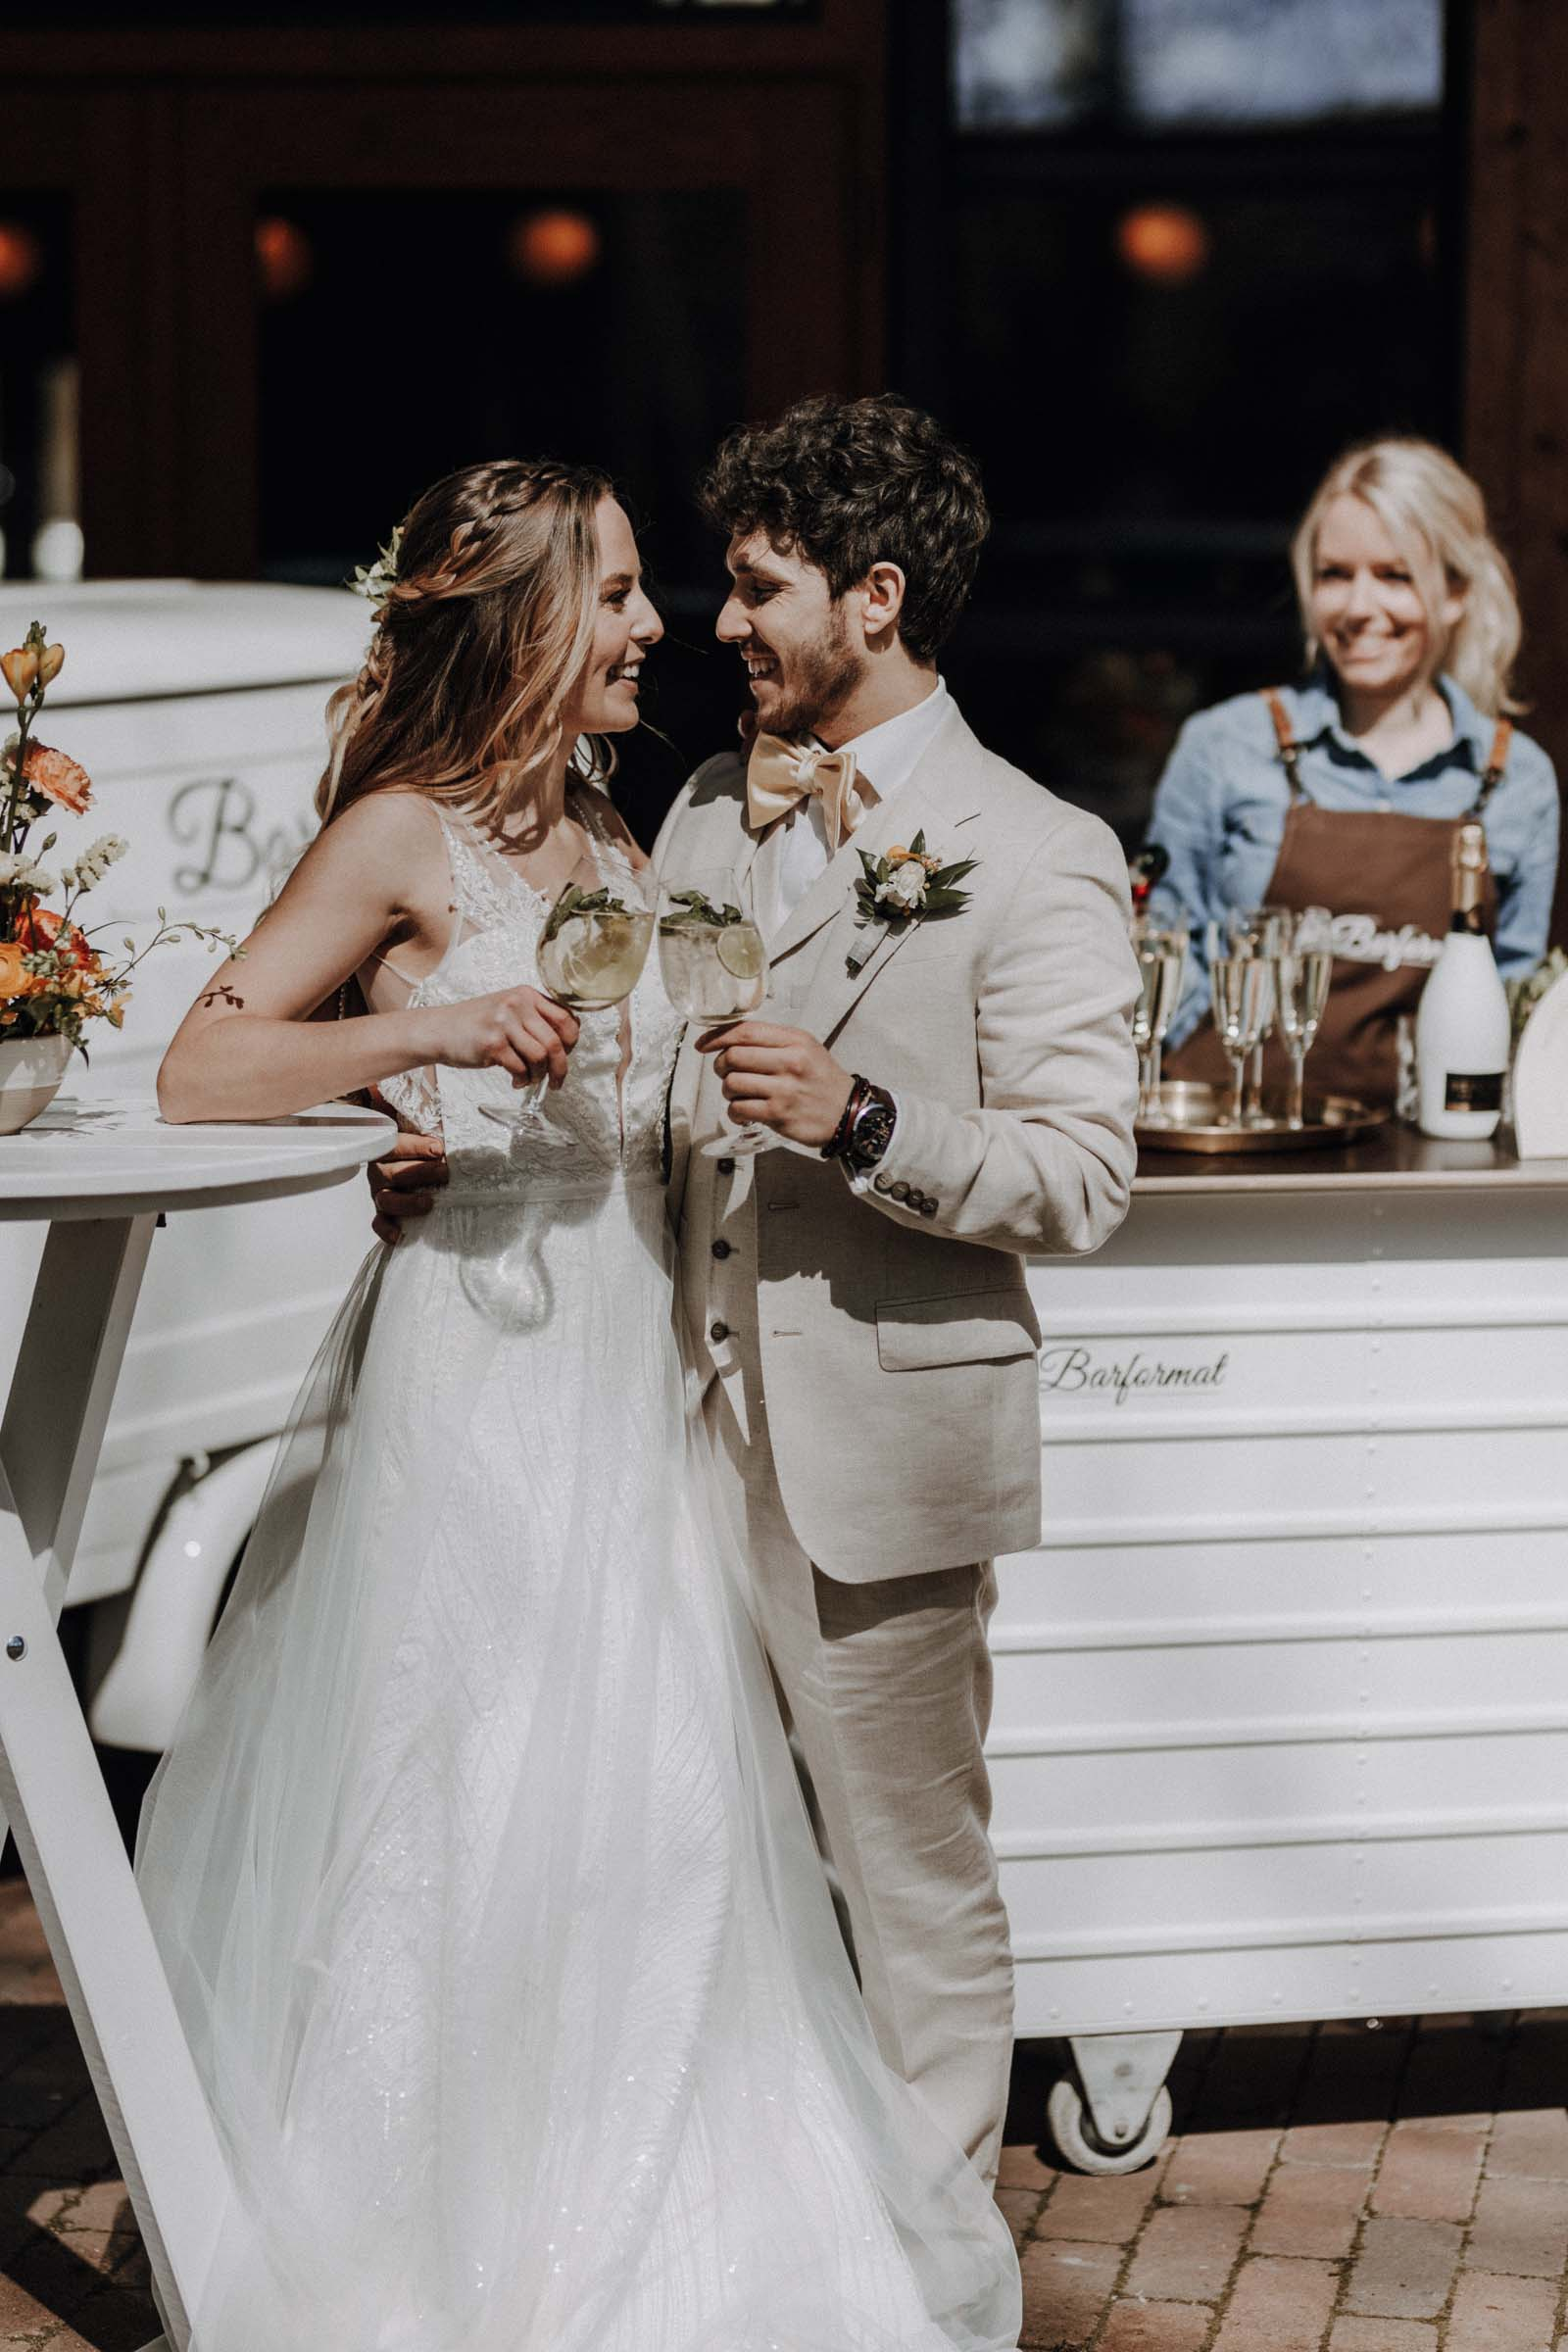 Mobile | Bar | VW | Bulli | Ape | Vespa | Cocktailservice | Cocktail | Bus | Catering | Hannover | Getränke | Foodtruck | Sektempfang | Standesamt | Firmenfeier | Barkeeper | Hochzeit | Mieten | Event | Buchen